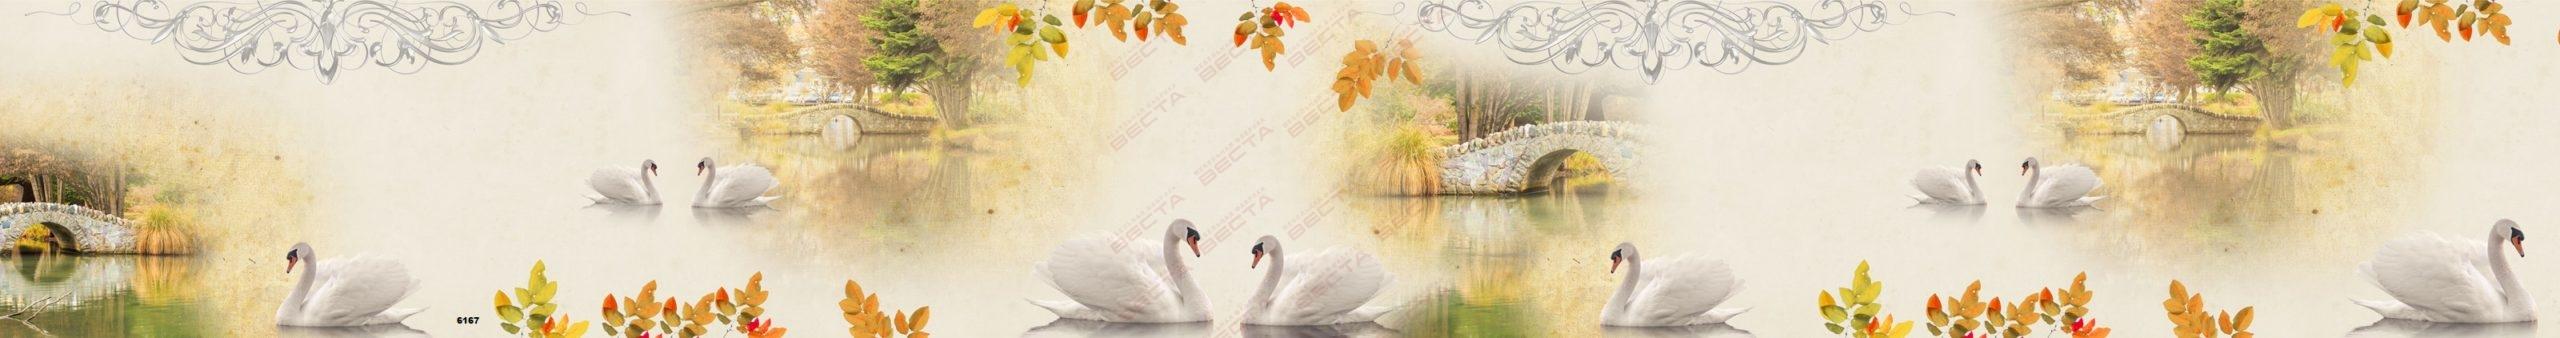 Фартуки Природа,пейзажи-1